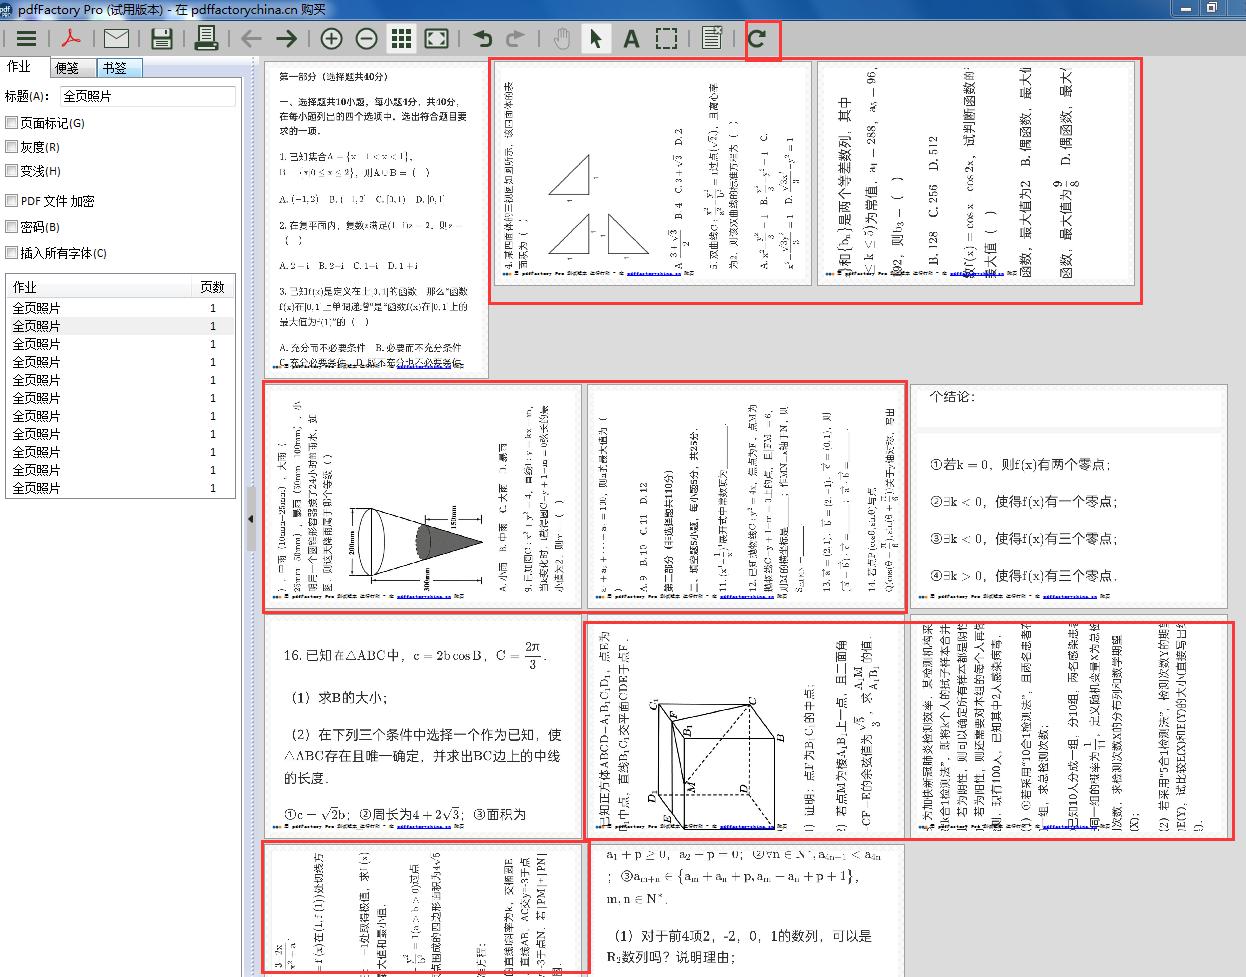 图4:调整编辑错题文档